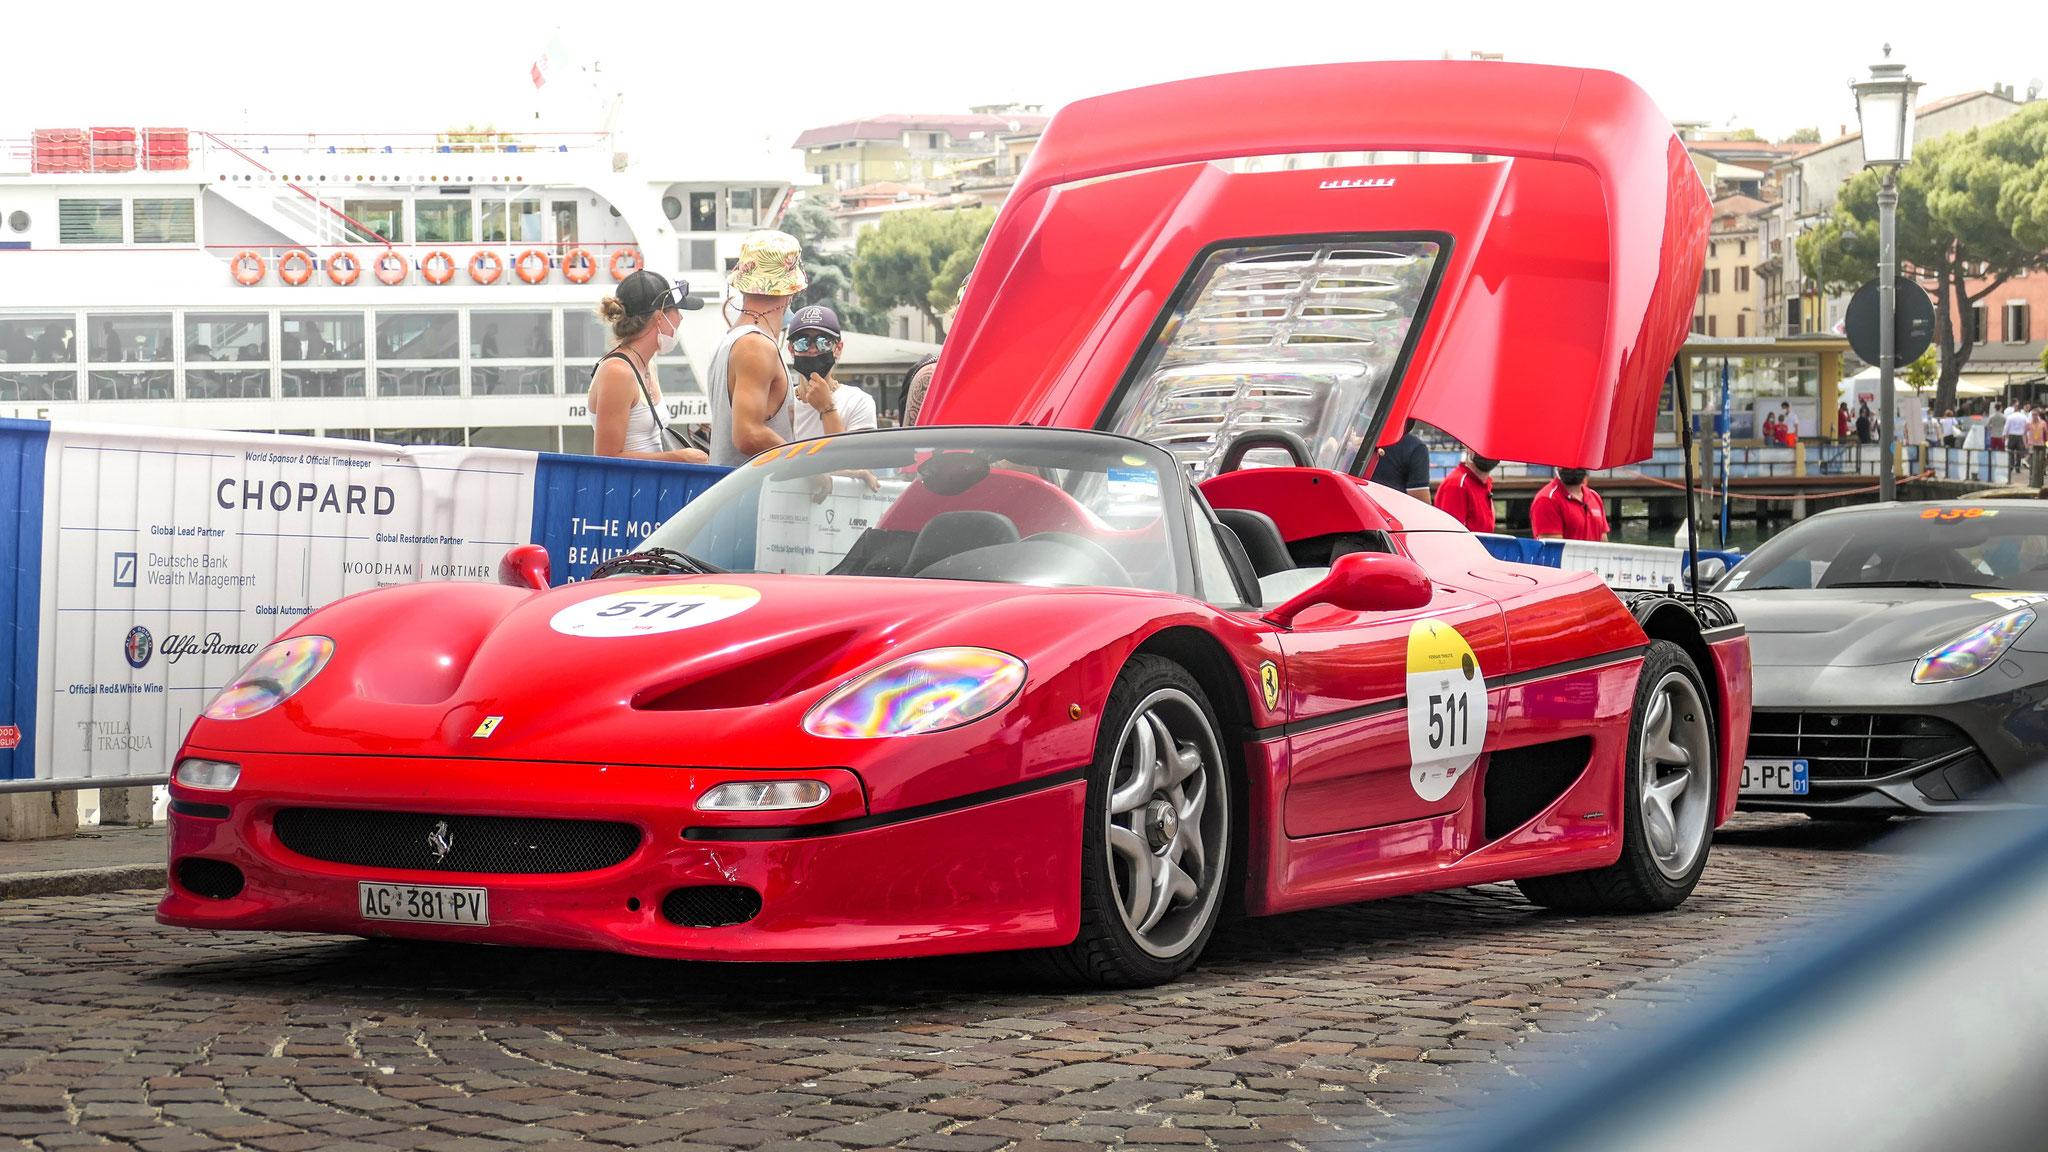 Ferrari F50 - AG-381-PV (ITA)